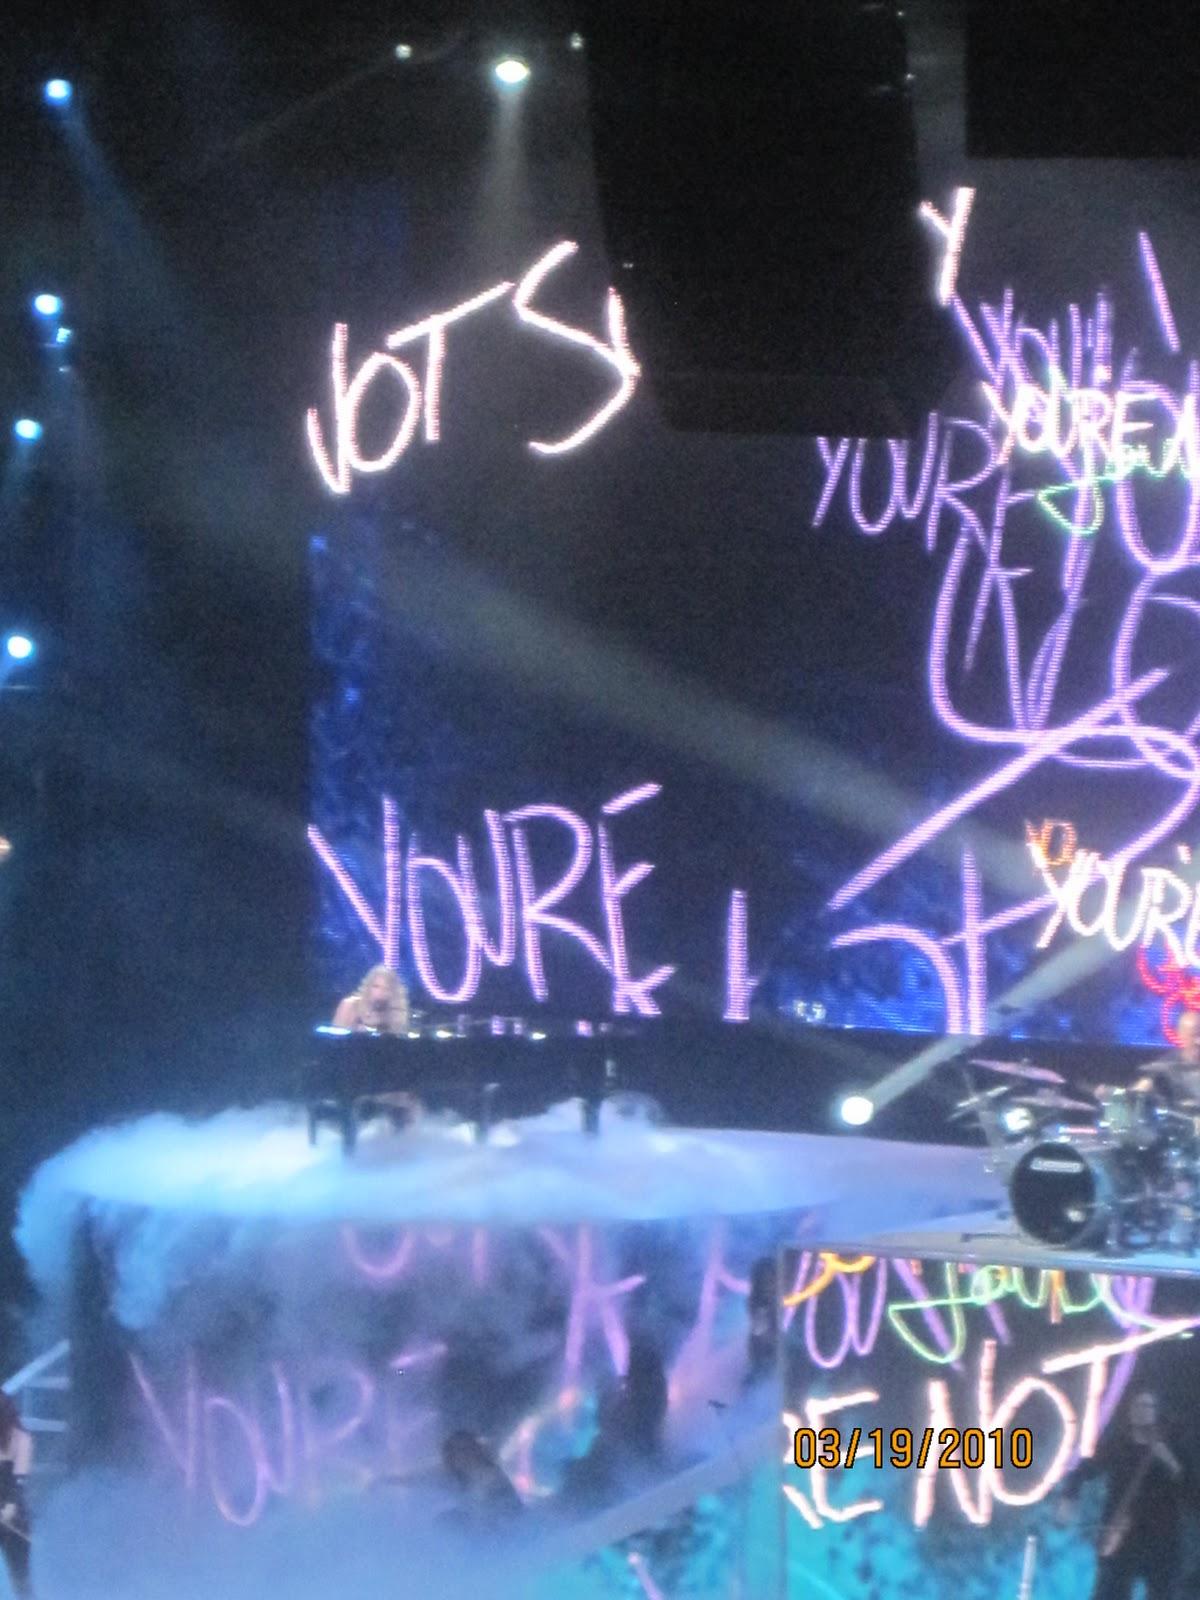 http://1.bp.blogspot.com/_zhQCIcpuWno/TMzwZIl3vOI/AAAAAAAAAs8/uixVCtgUnGM/s1600/Taylor+Swift+Concert+196.jpg